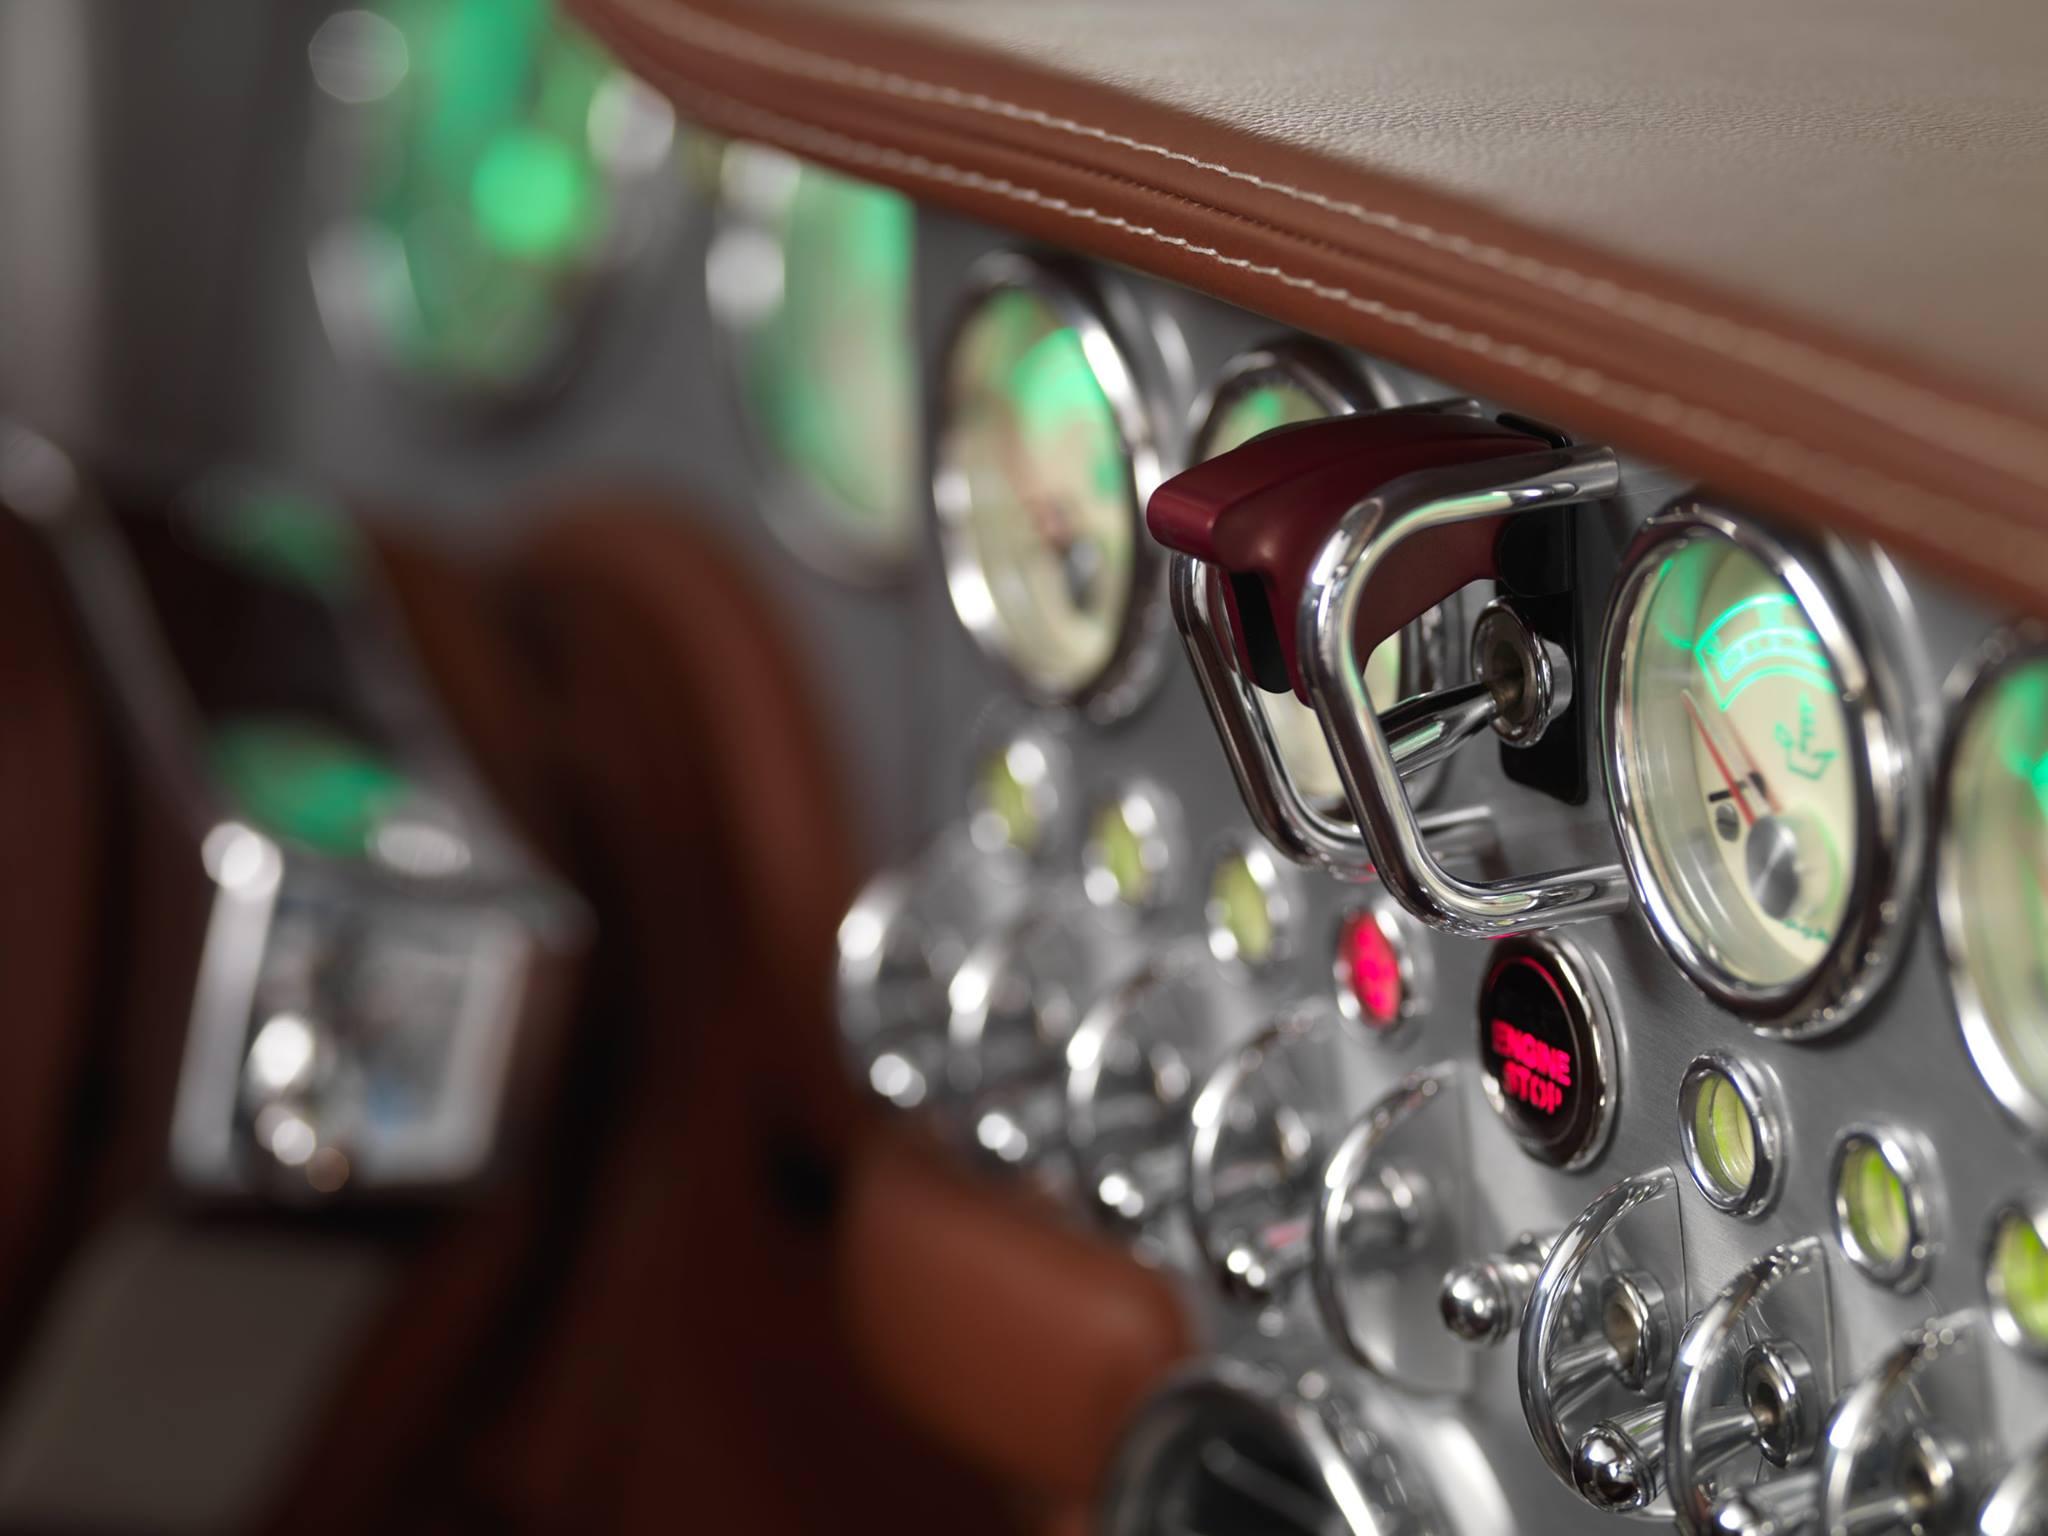 Spyker C8 Preliator - Hartvoorautos.nl